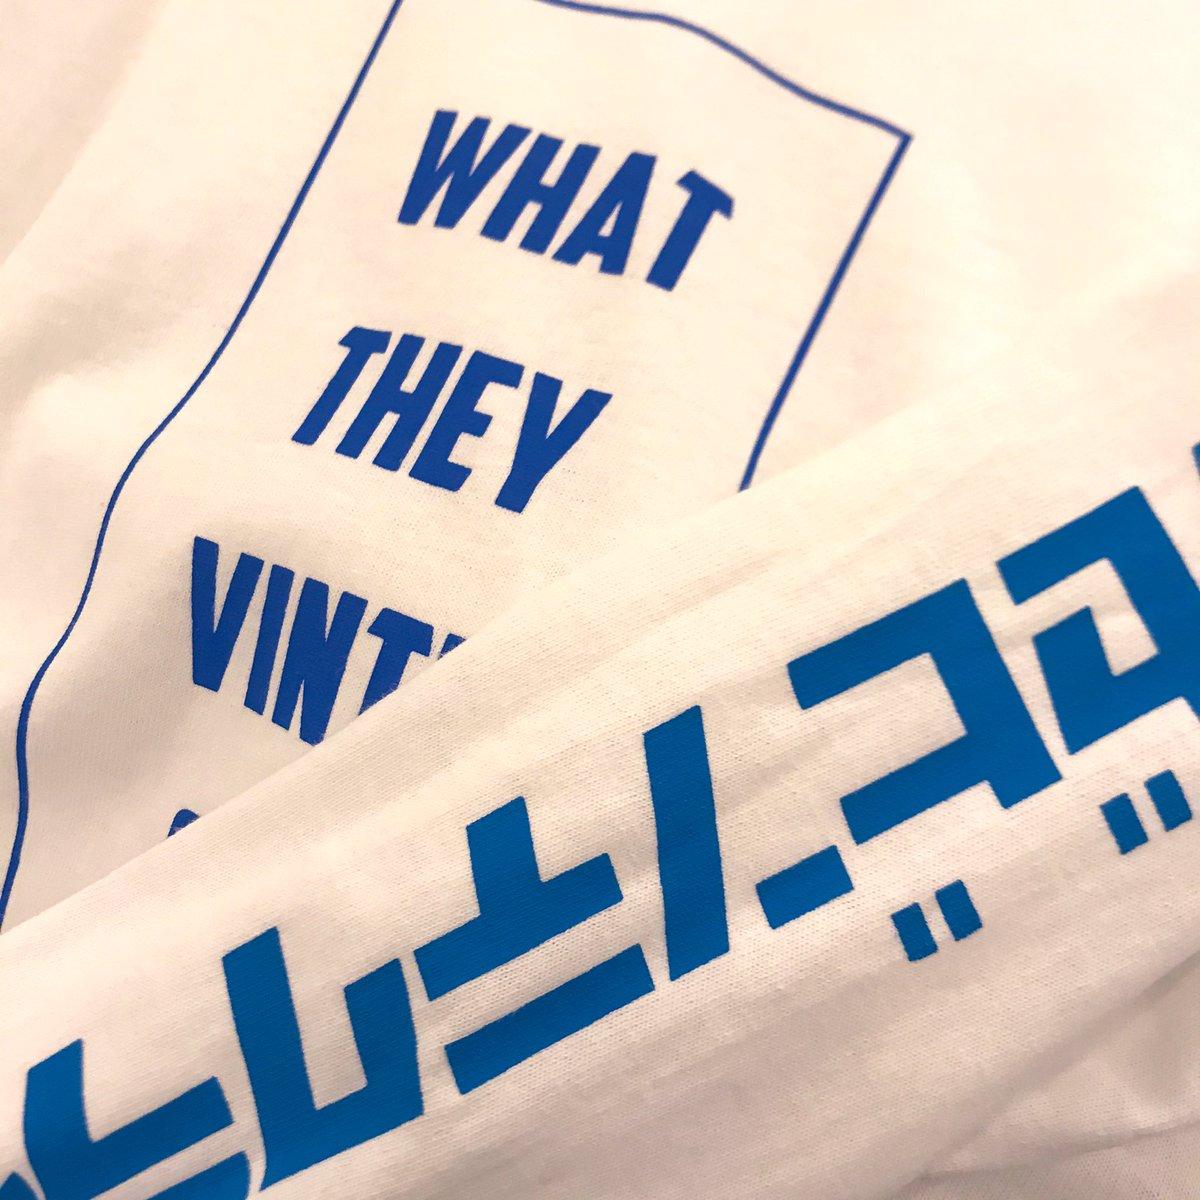 NEW COLOR!!  フロントと袖のプリントが、 めっちゃくちゃ地味〜にブルーのトーン変えてます🌏  ほんと地味〜に。😂  https://t.co/glQZUgBkkq  #鹿児島 #bouncekagoshima #わっぜびんてくらい https://t.co/r7Vm1sjgBE